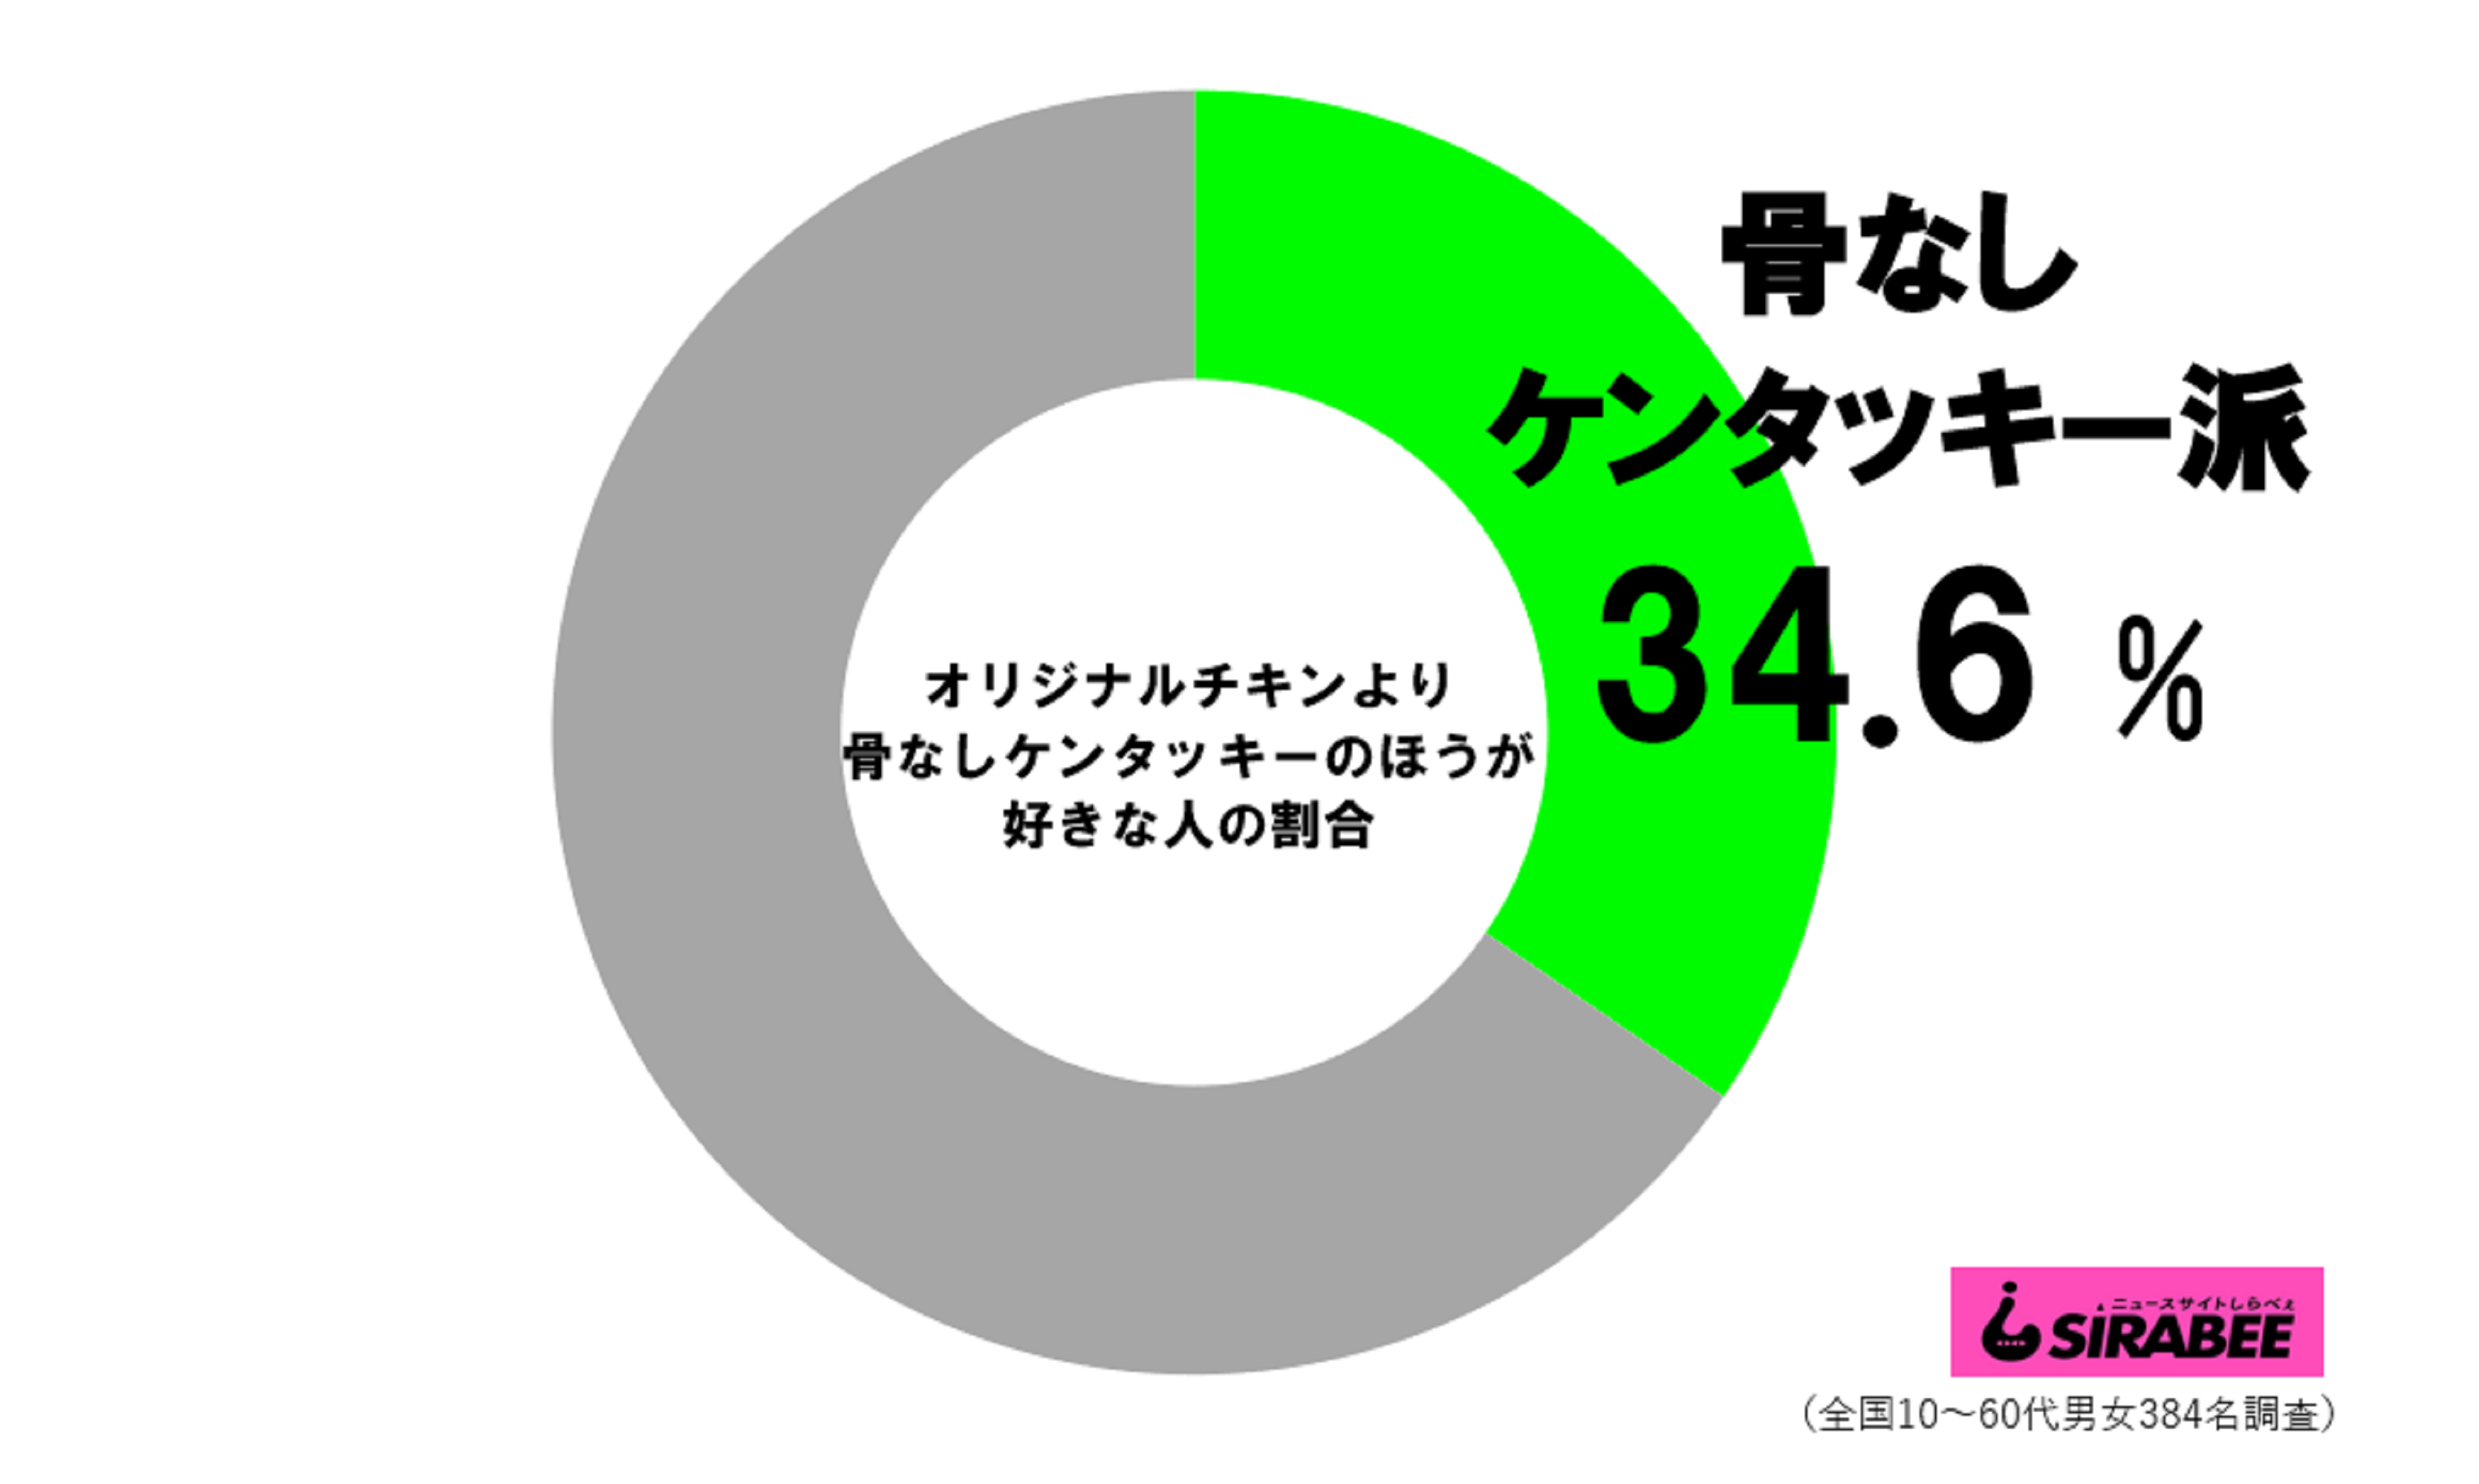 骨なしケンタッキー派の割合_円グラフ